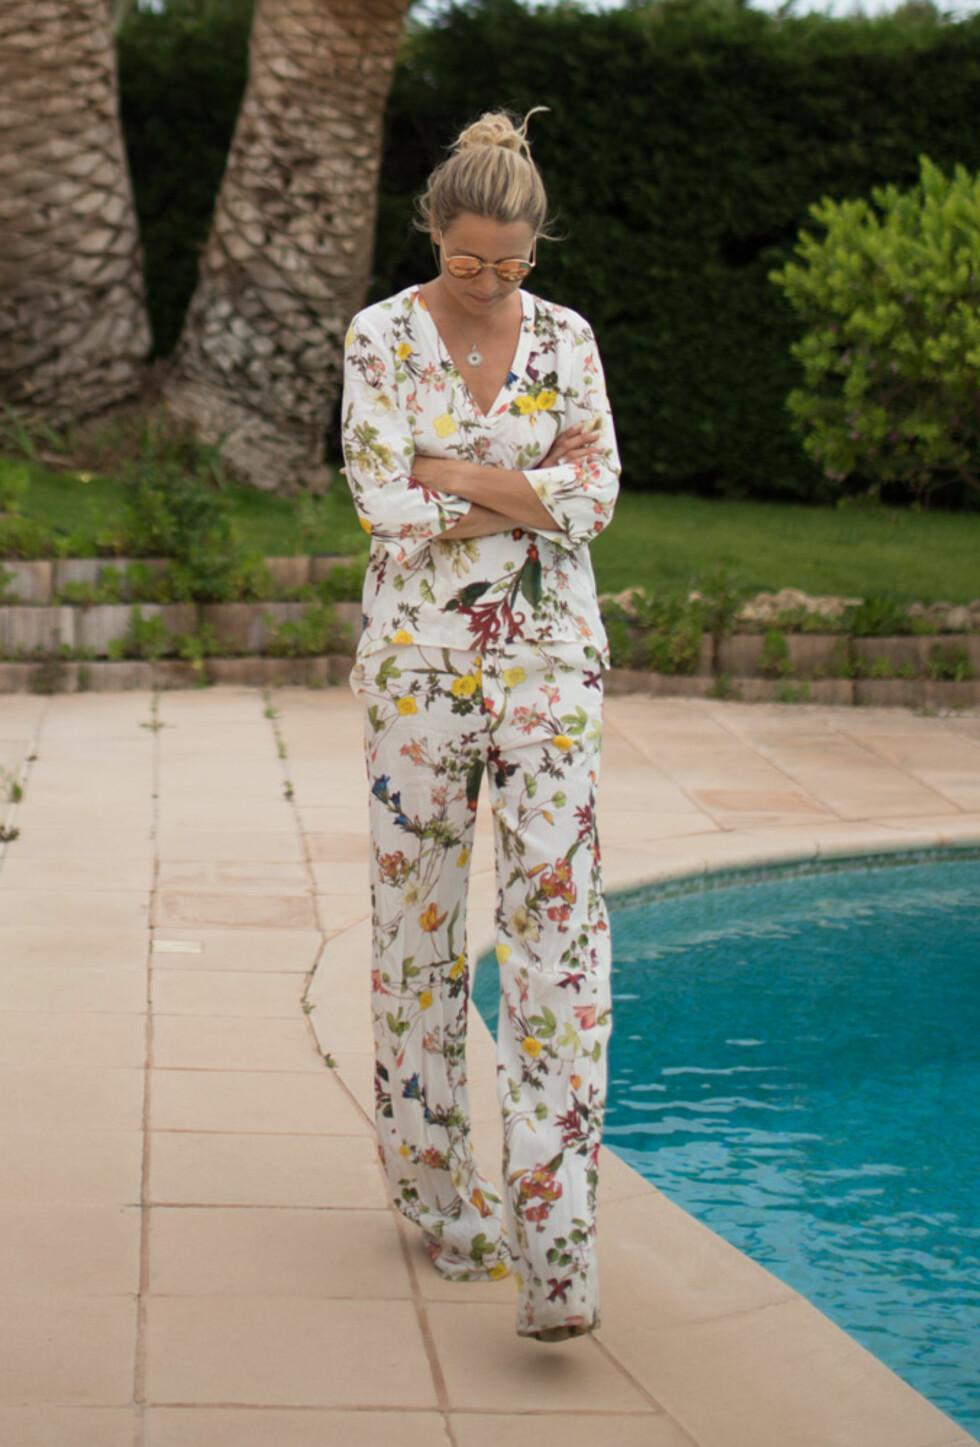 DRESS: Et slikt antrekk fungerer fint både til hverdag og fest. Foto: Linelangmo.no